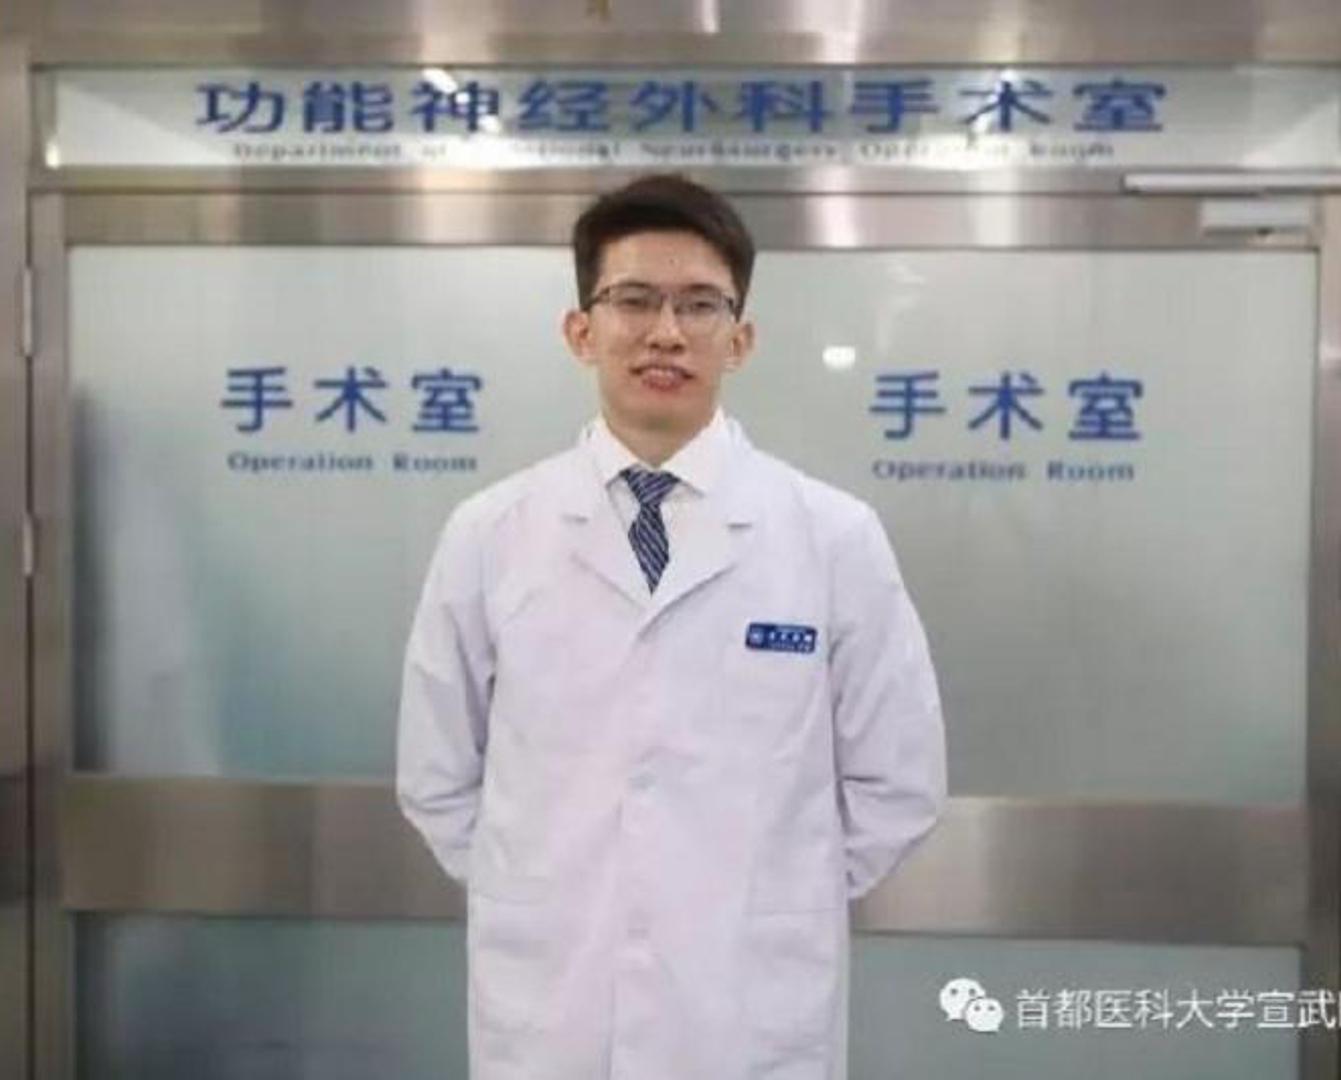 Казахстанский студент-медик спас пожилого китайца в пекинском метро